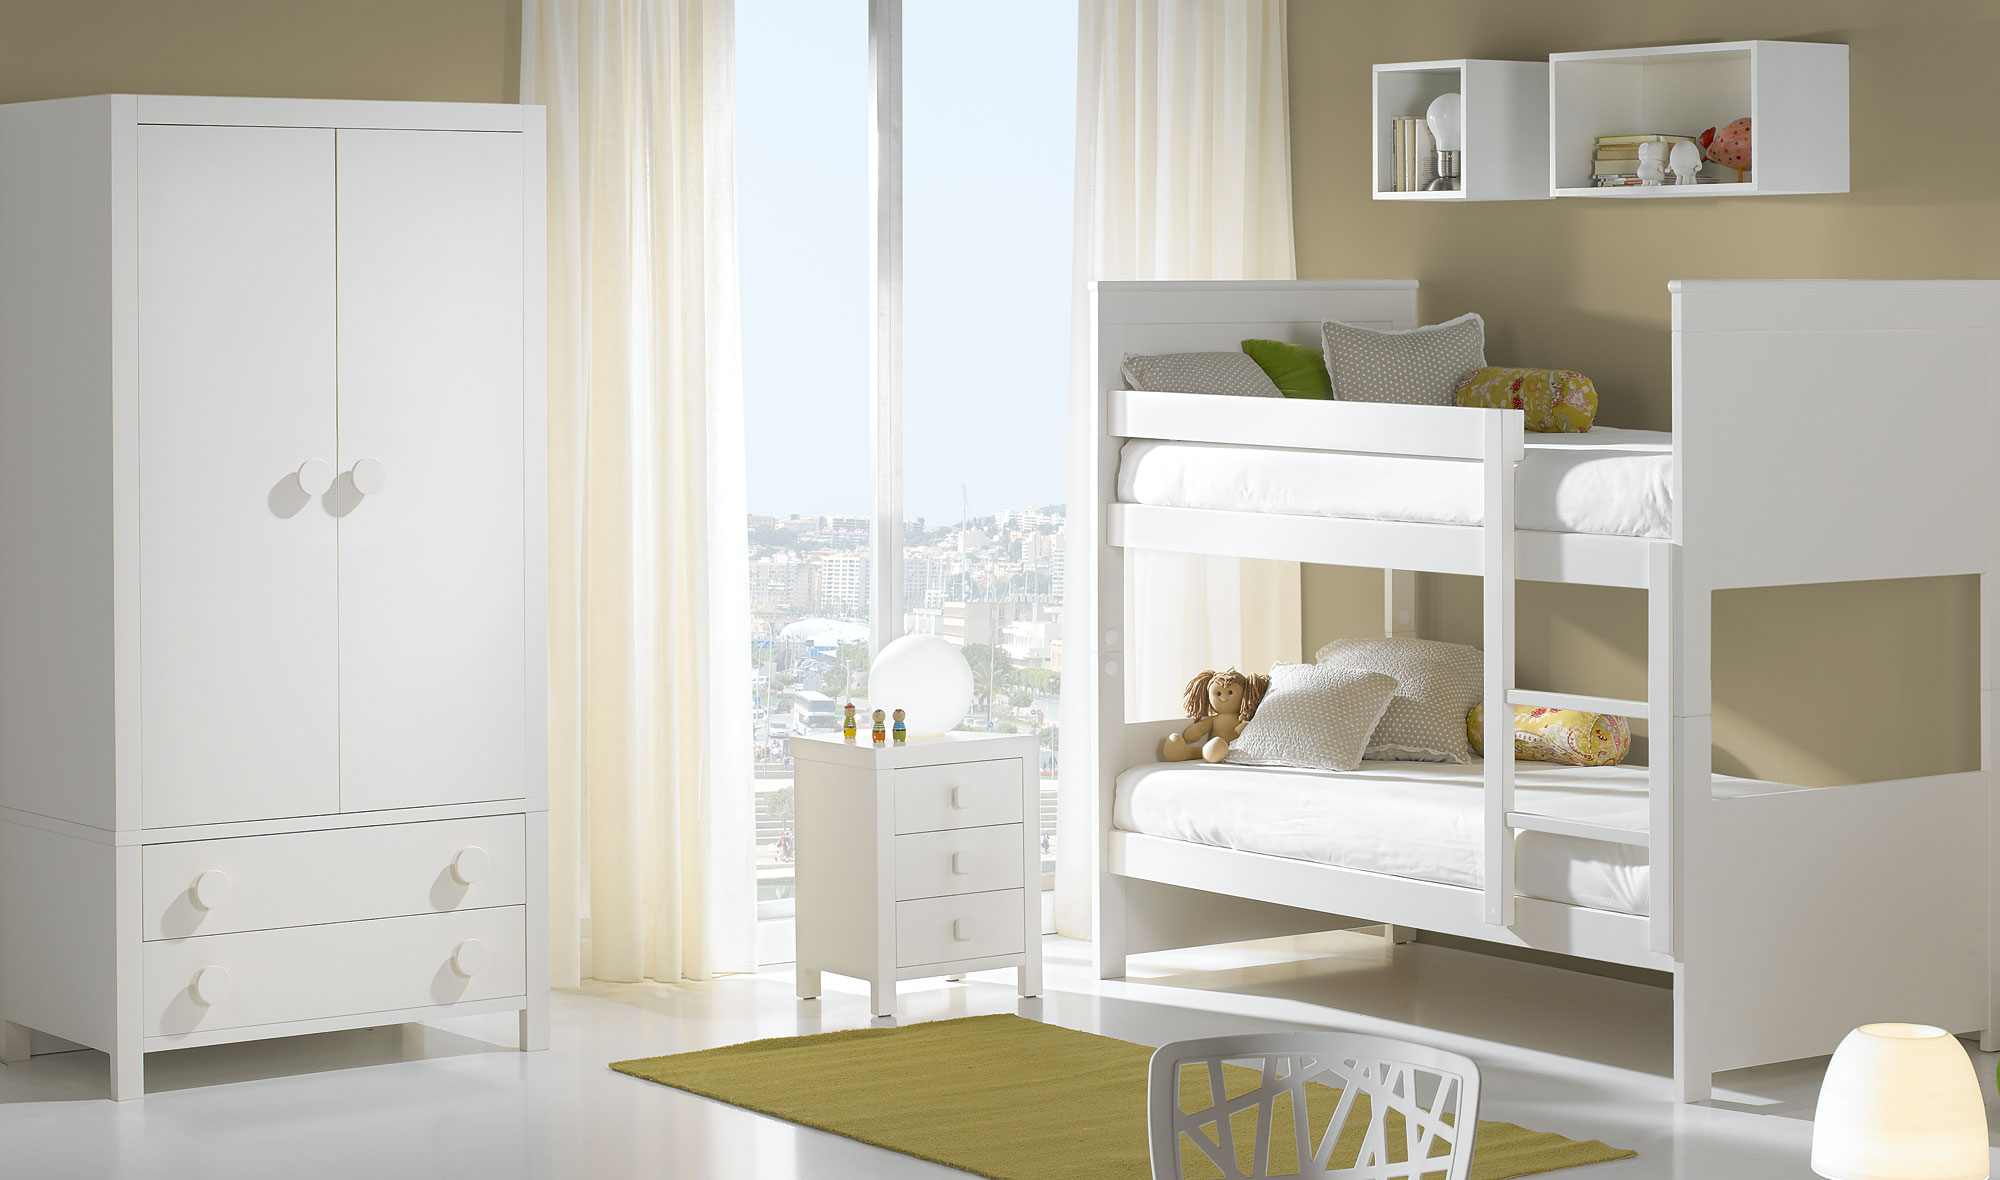 Dormitorio infantil kika vi no disponible en - Muebles dormitorios infantiles ...